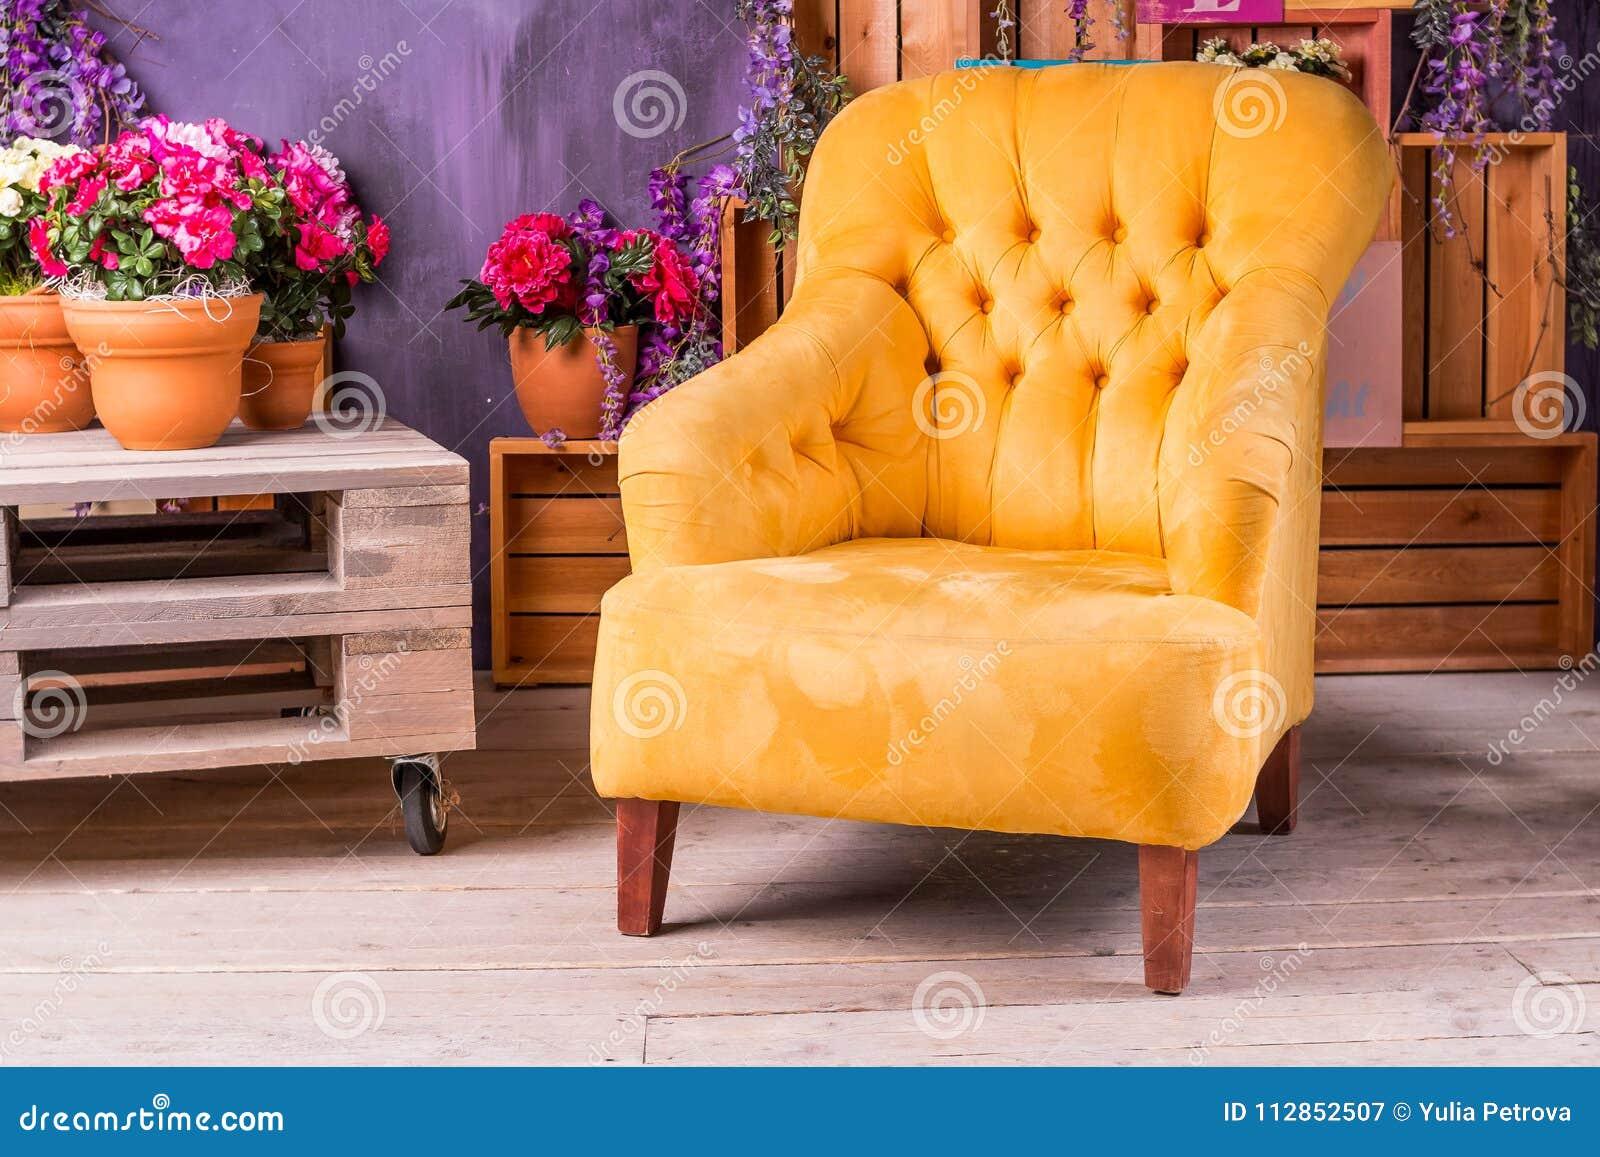 Todavía vida de la silla del vintage en sala de estar Salón de la terraza con la silla amarilla cómoda del brazo, divanes en una